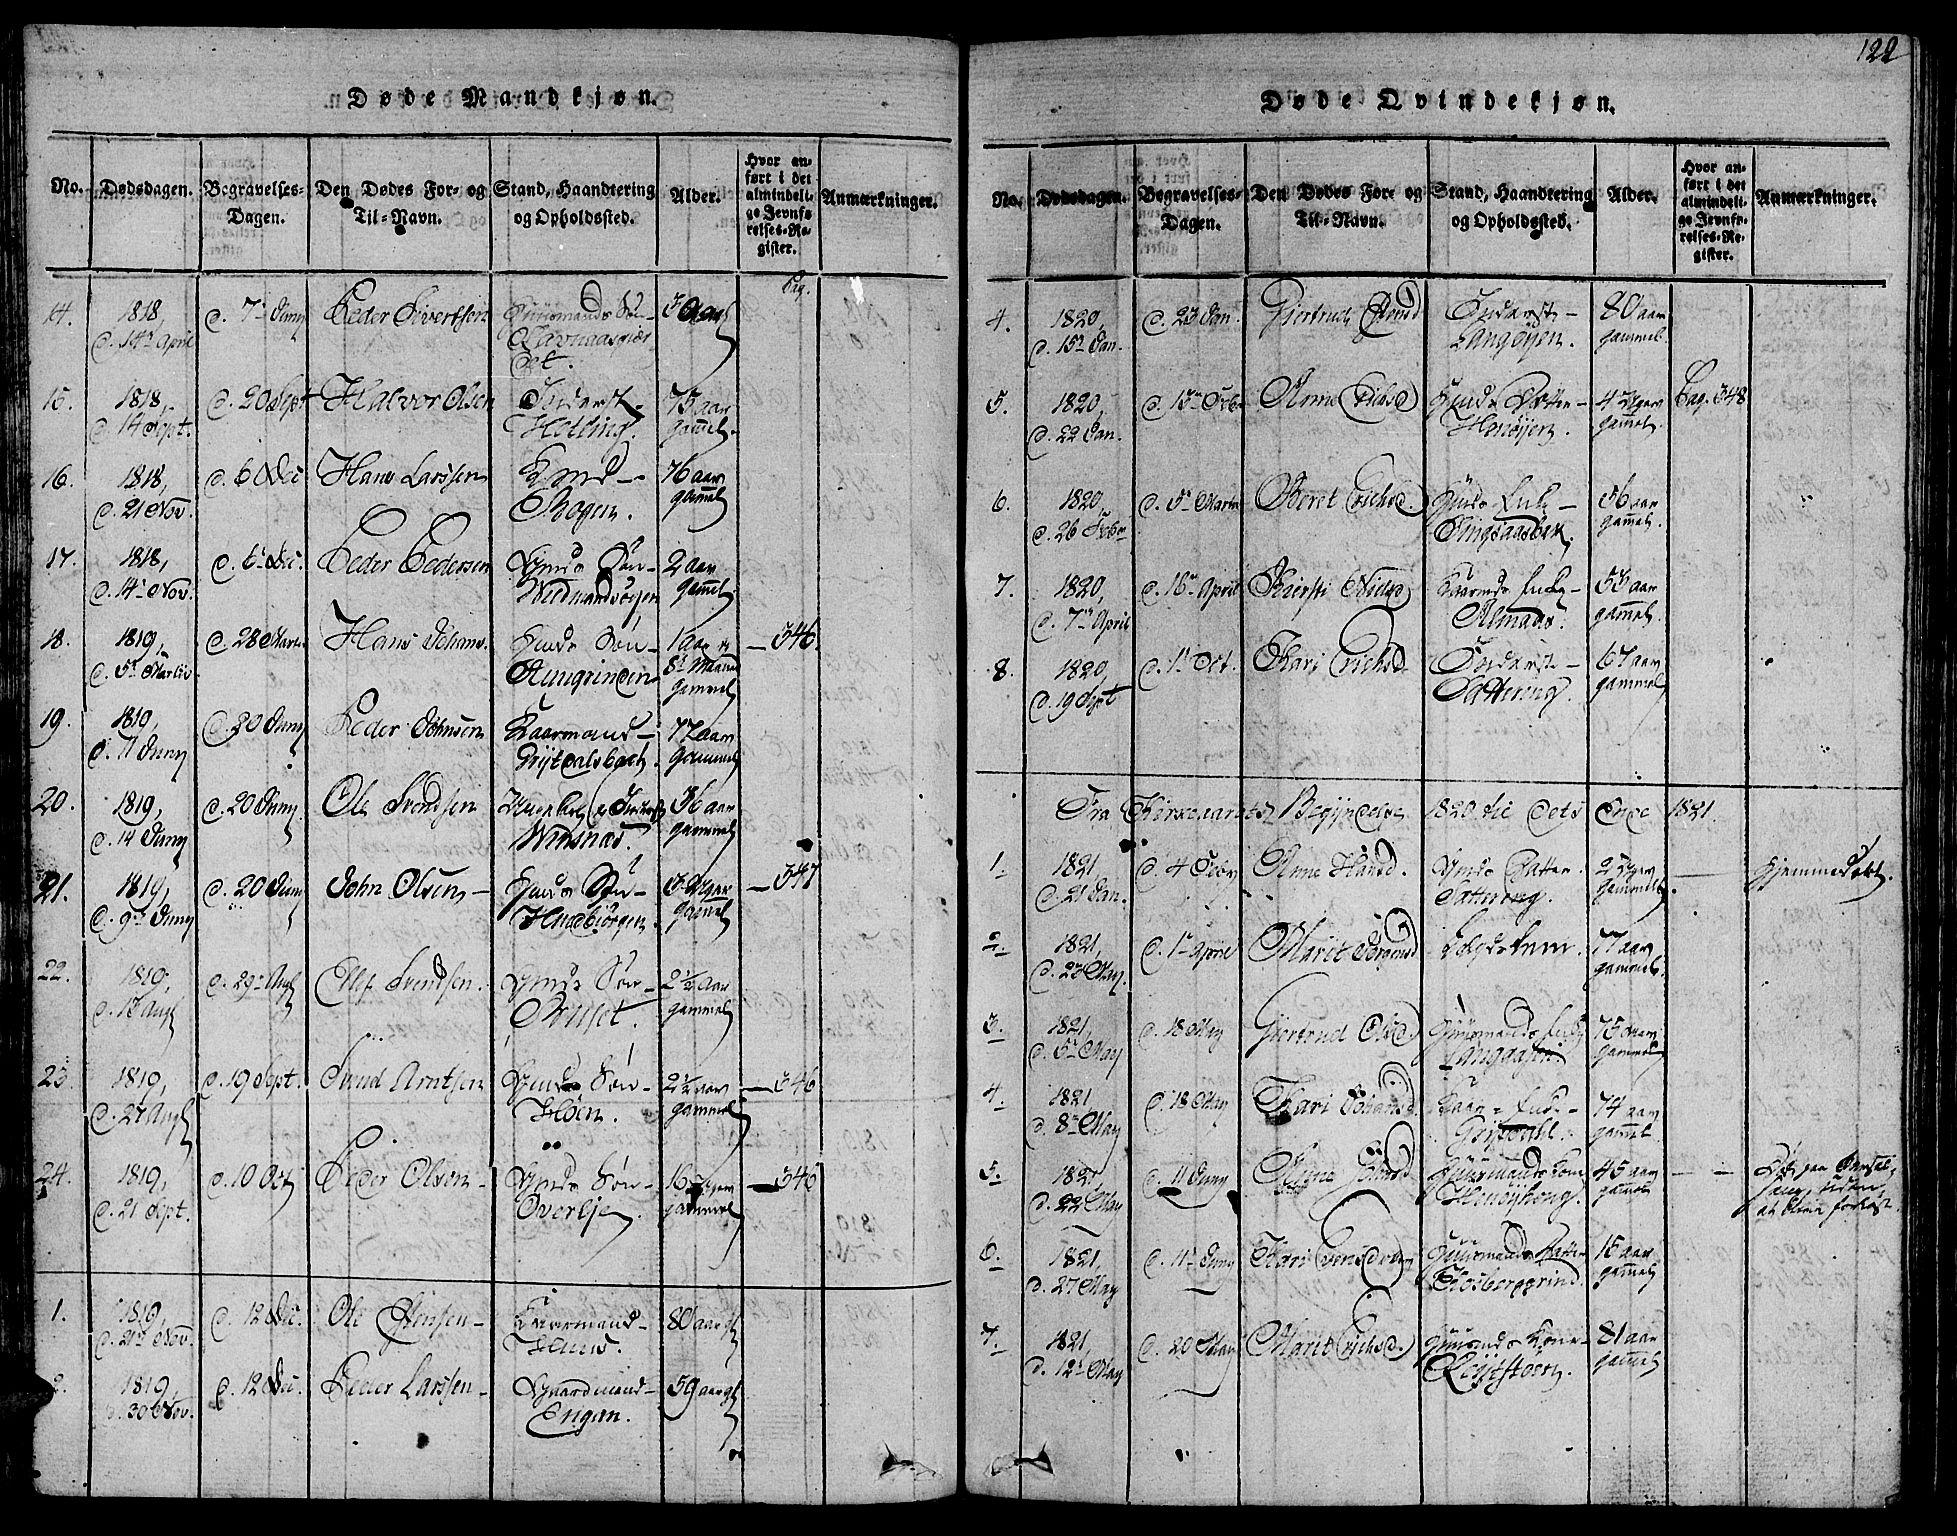 SAT, Ministerialprotokoller, klokkerbøker og fødselsregistre - Sør-Trøndelag, 685/L0955: Ministerialbok nr. 685A03 /2, 1817-1829, s. 122